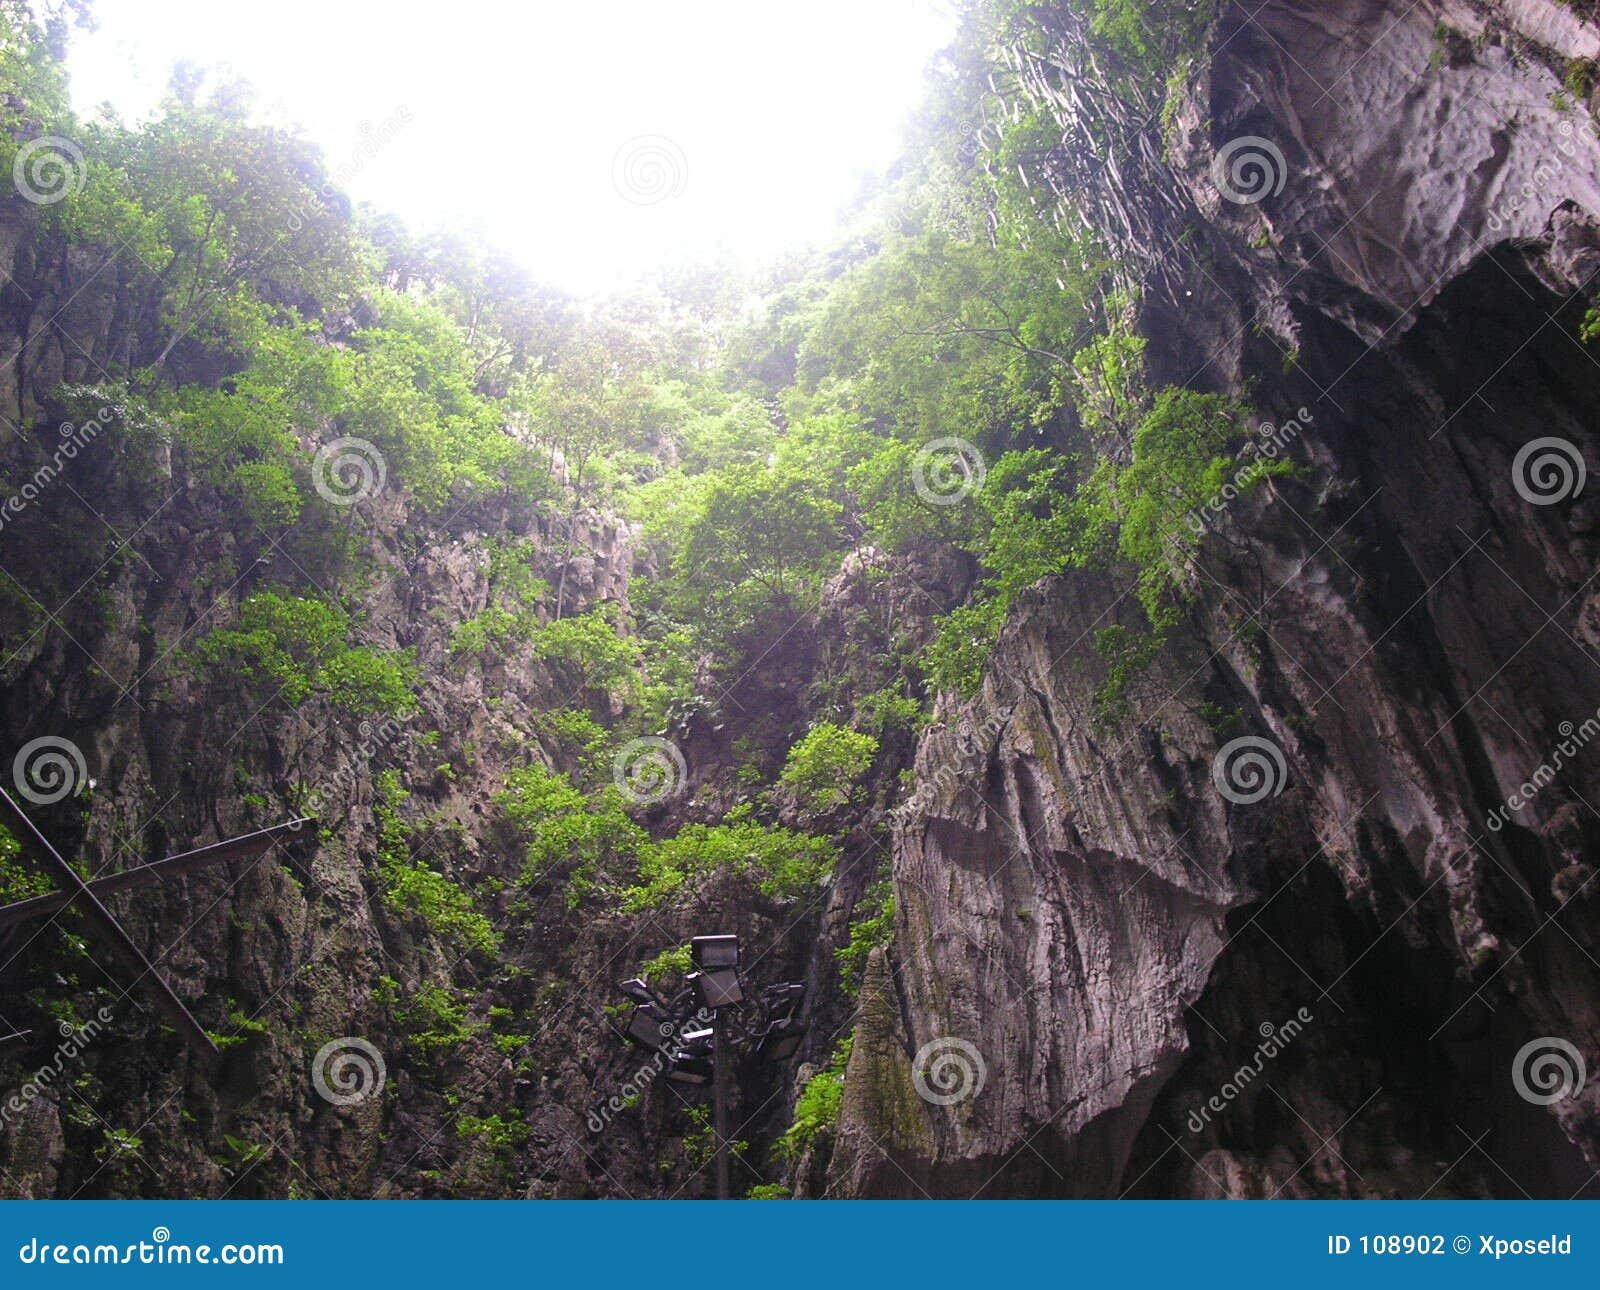 Batu Höhlen 2